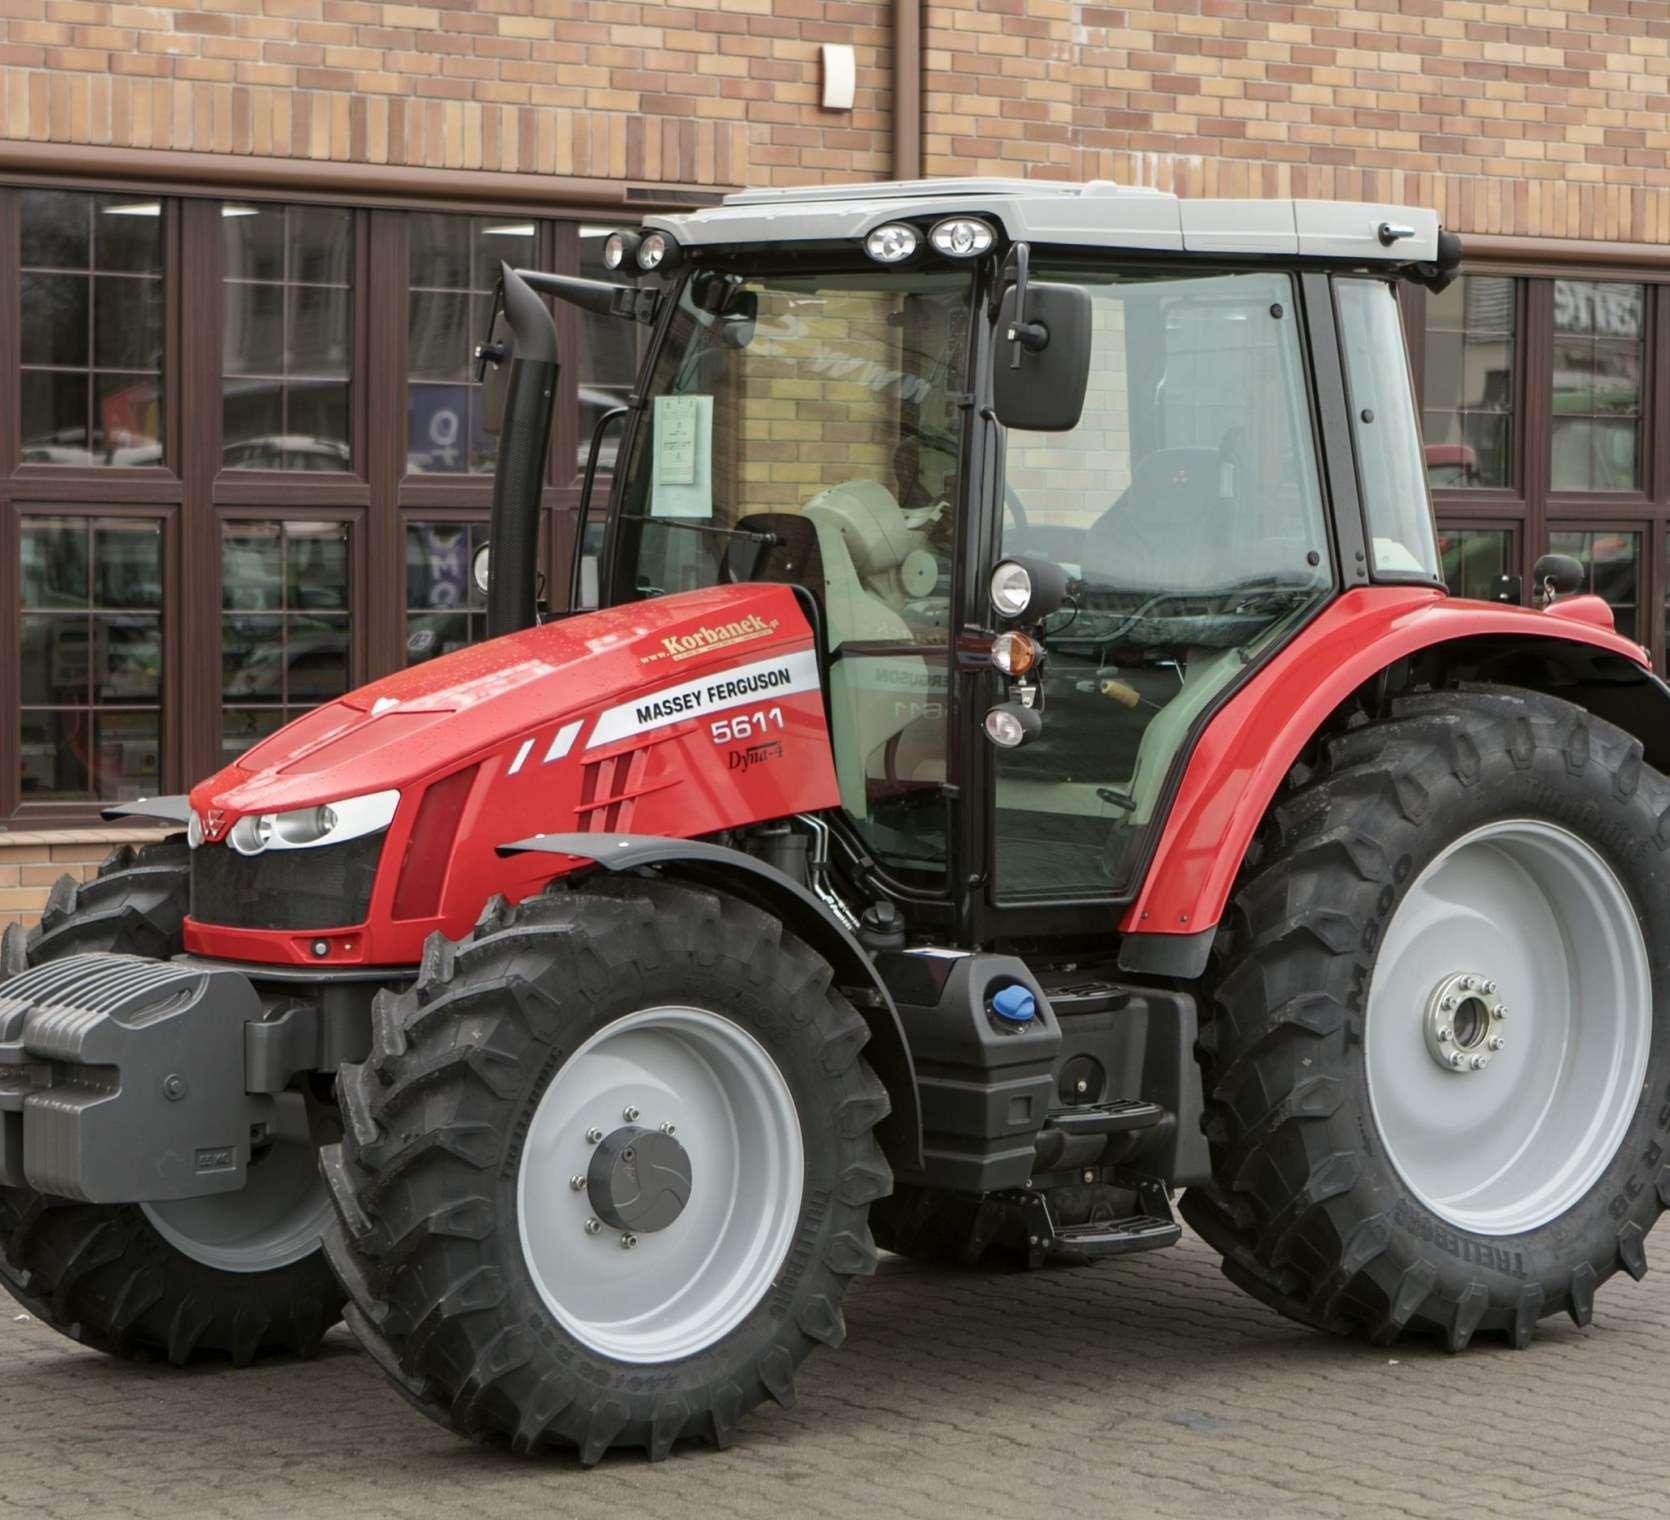 MF 5611 na tle sklepu korbanek zdjęcie całego traktora